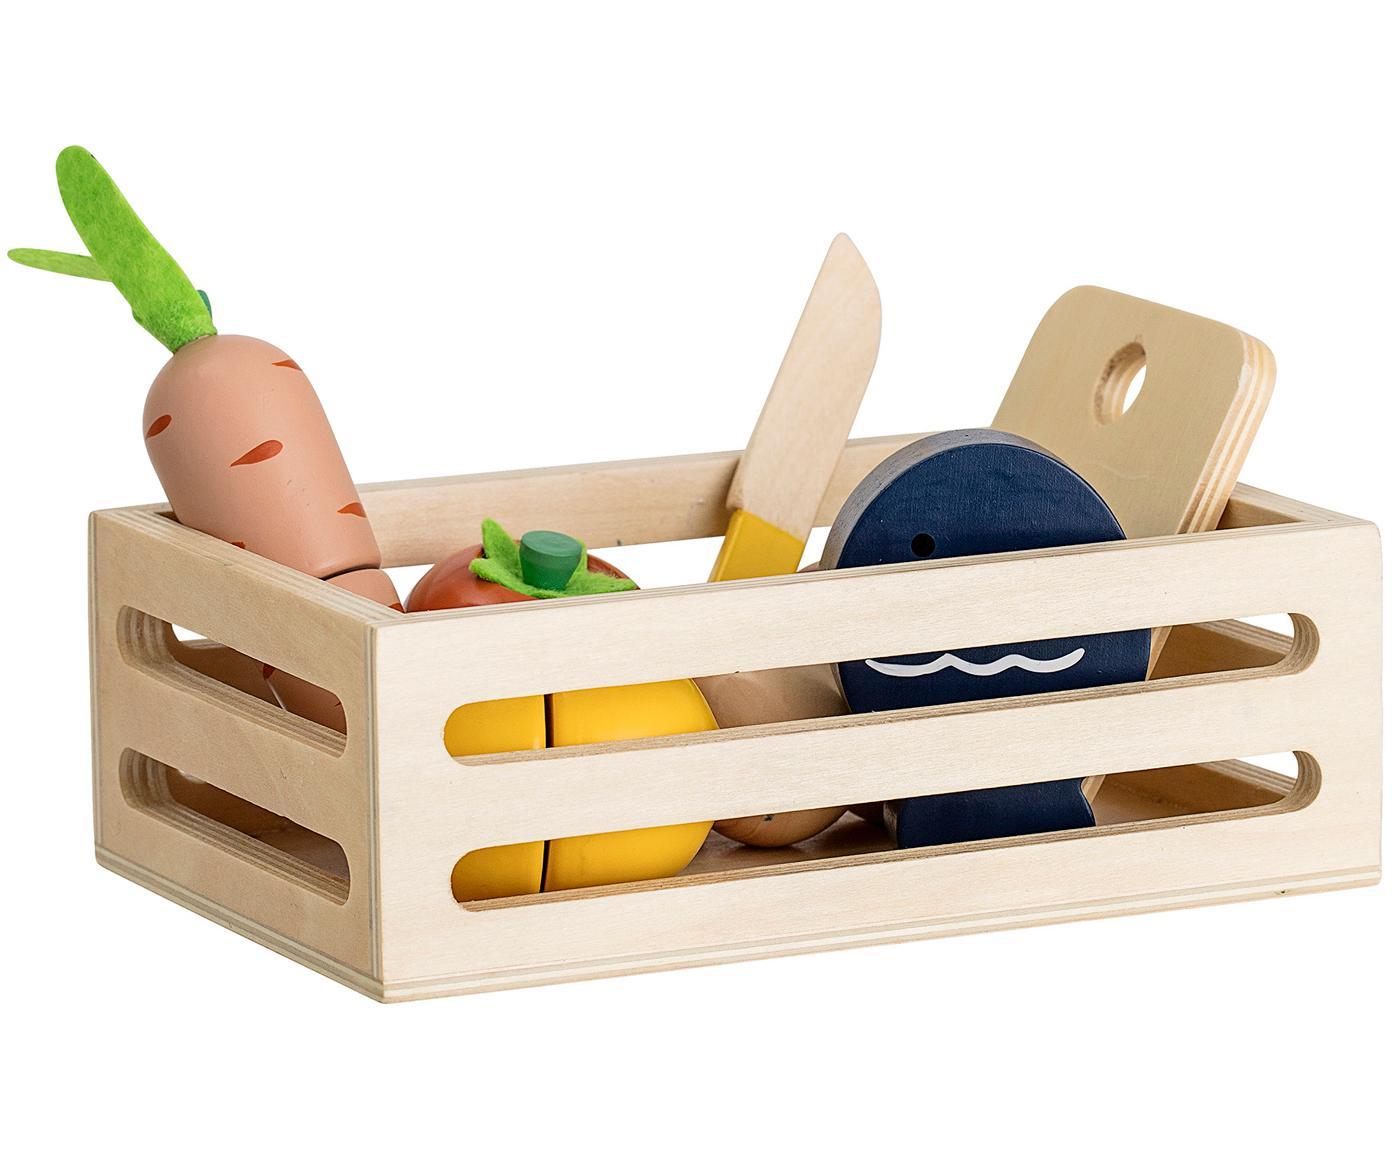 Komplet zabawek Foodbox, 8 elem., Drewno warstwowe, płyta pilśniowa średniej gęstości, Wielobarwny, S 18 x W 6 cm